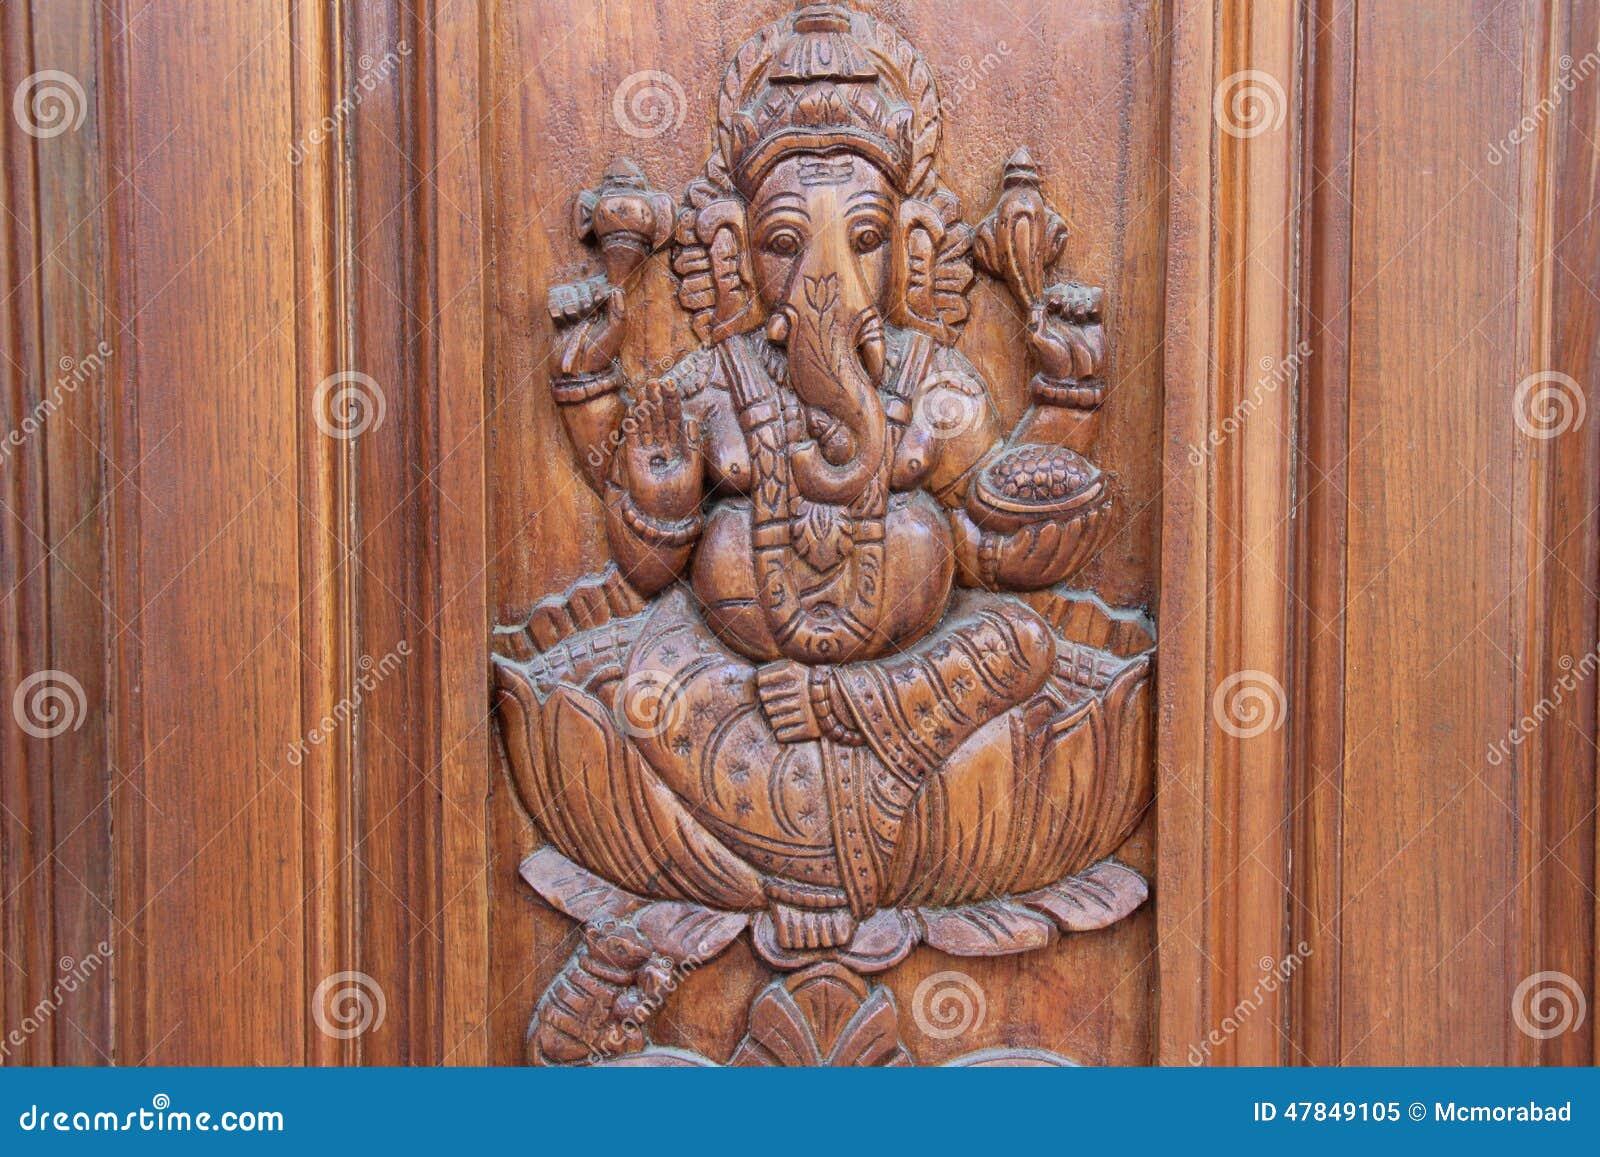 Ganesha On Teakwood Door Stock Photo Image 47849105